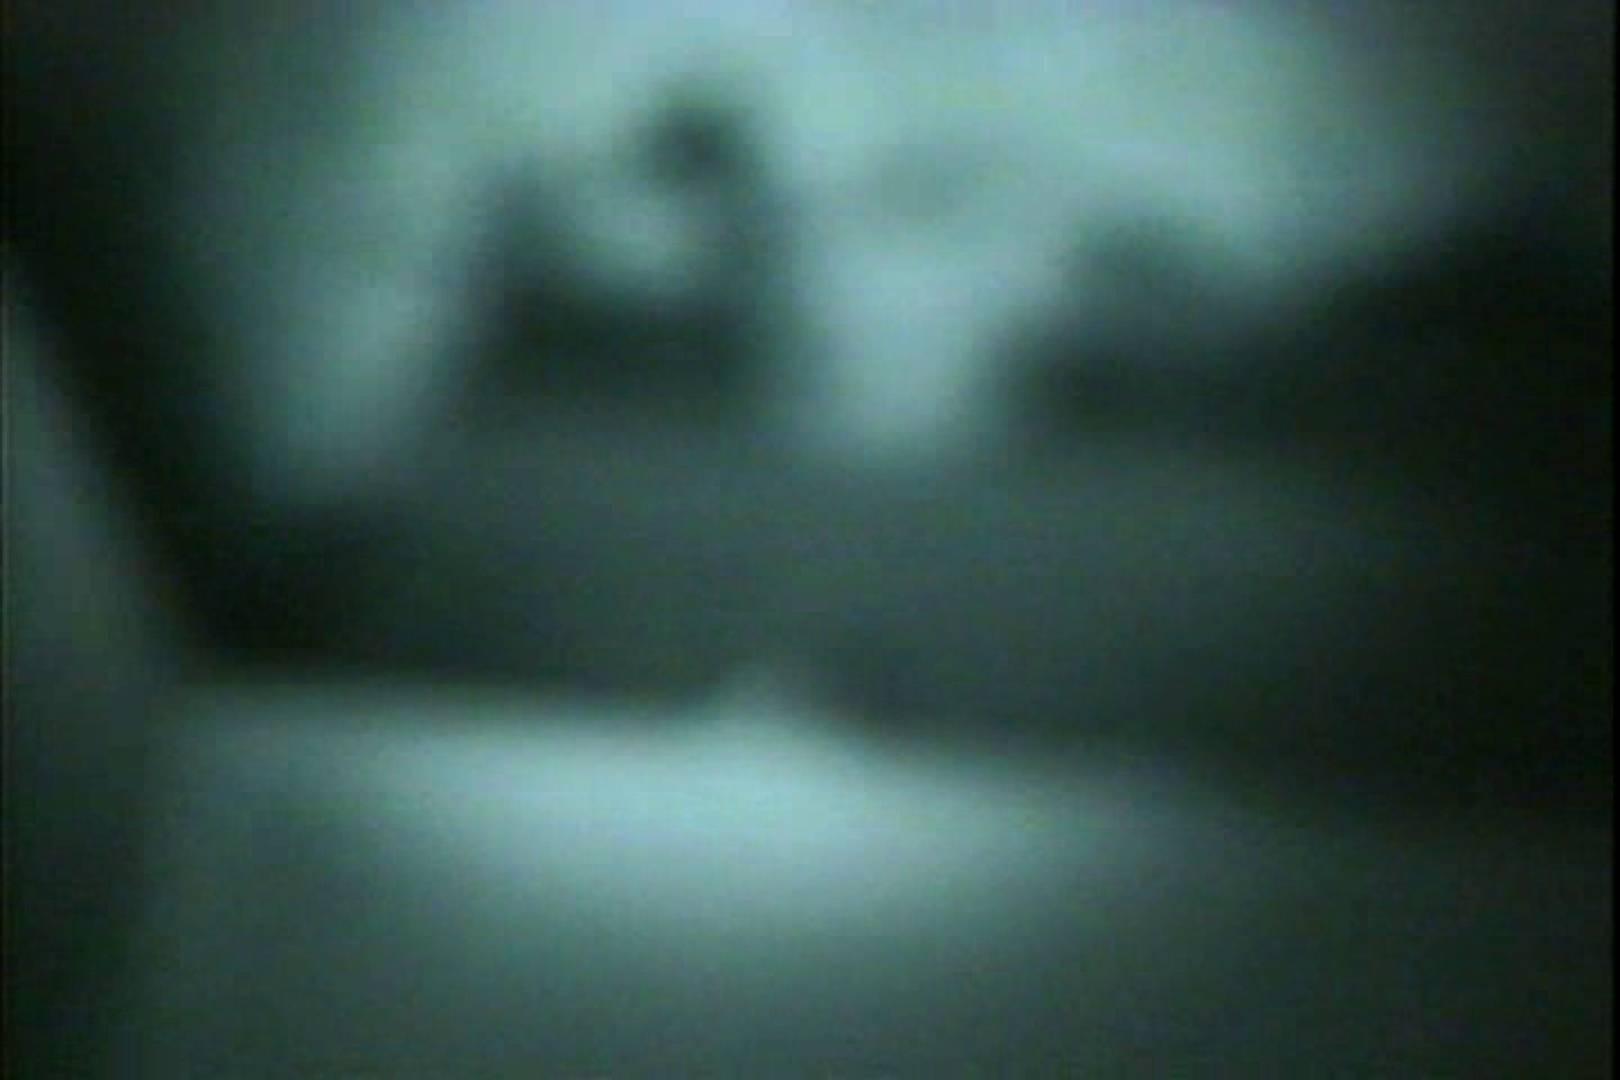 闇の仕掛け人 無修正版 Vol.19 フリーハンド | 制服  106pic 85